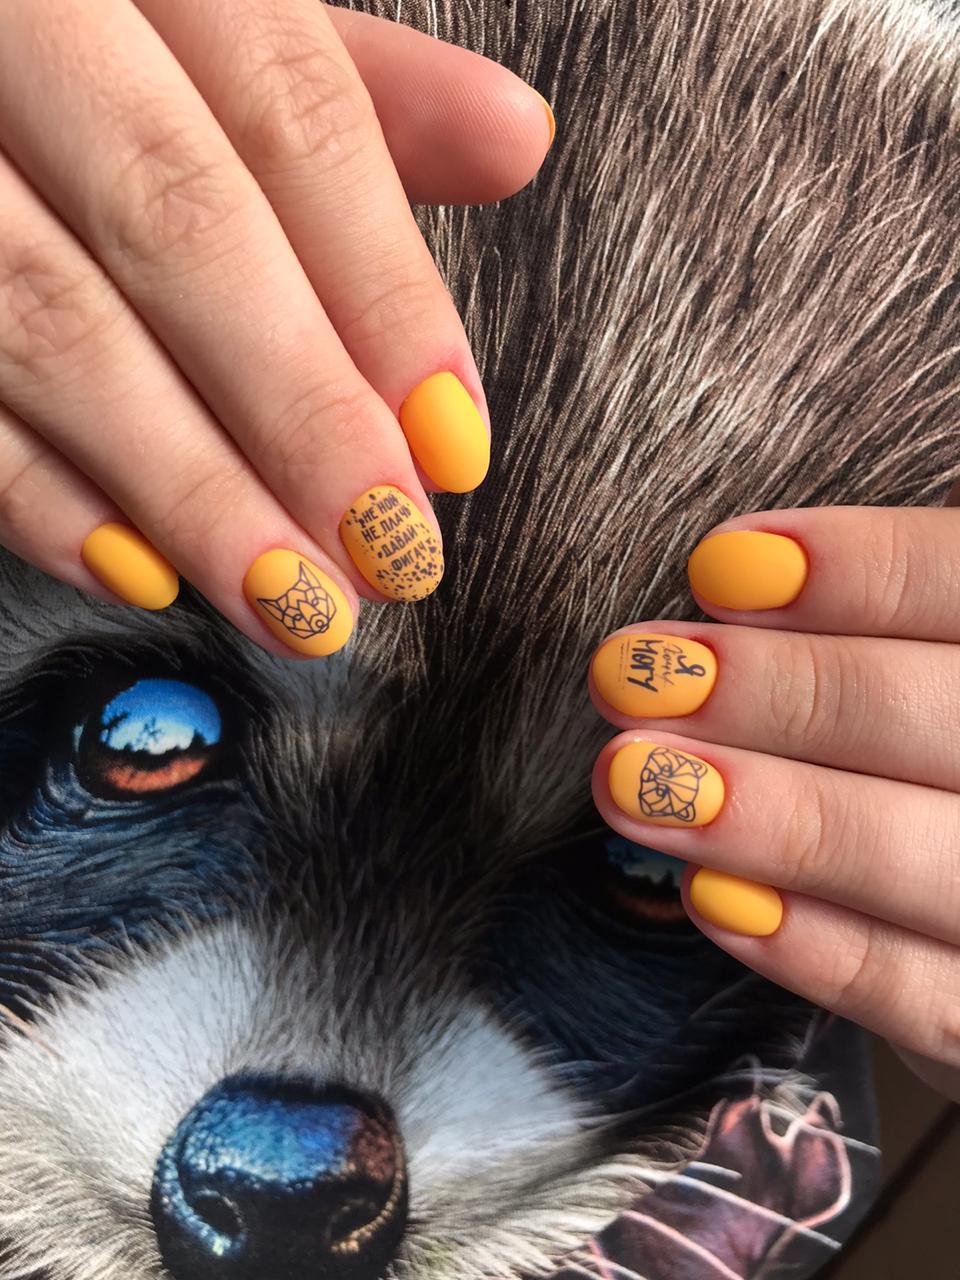 Матовый маникюр со слайдерами и надписями в оранжевом цвете на короткие ногти.